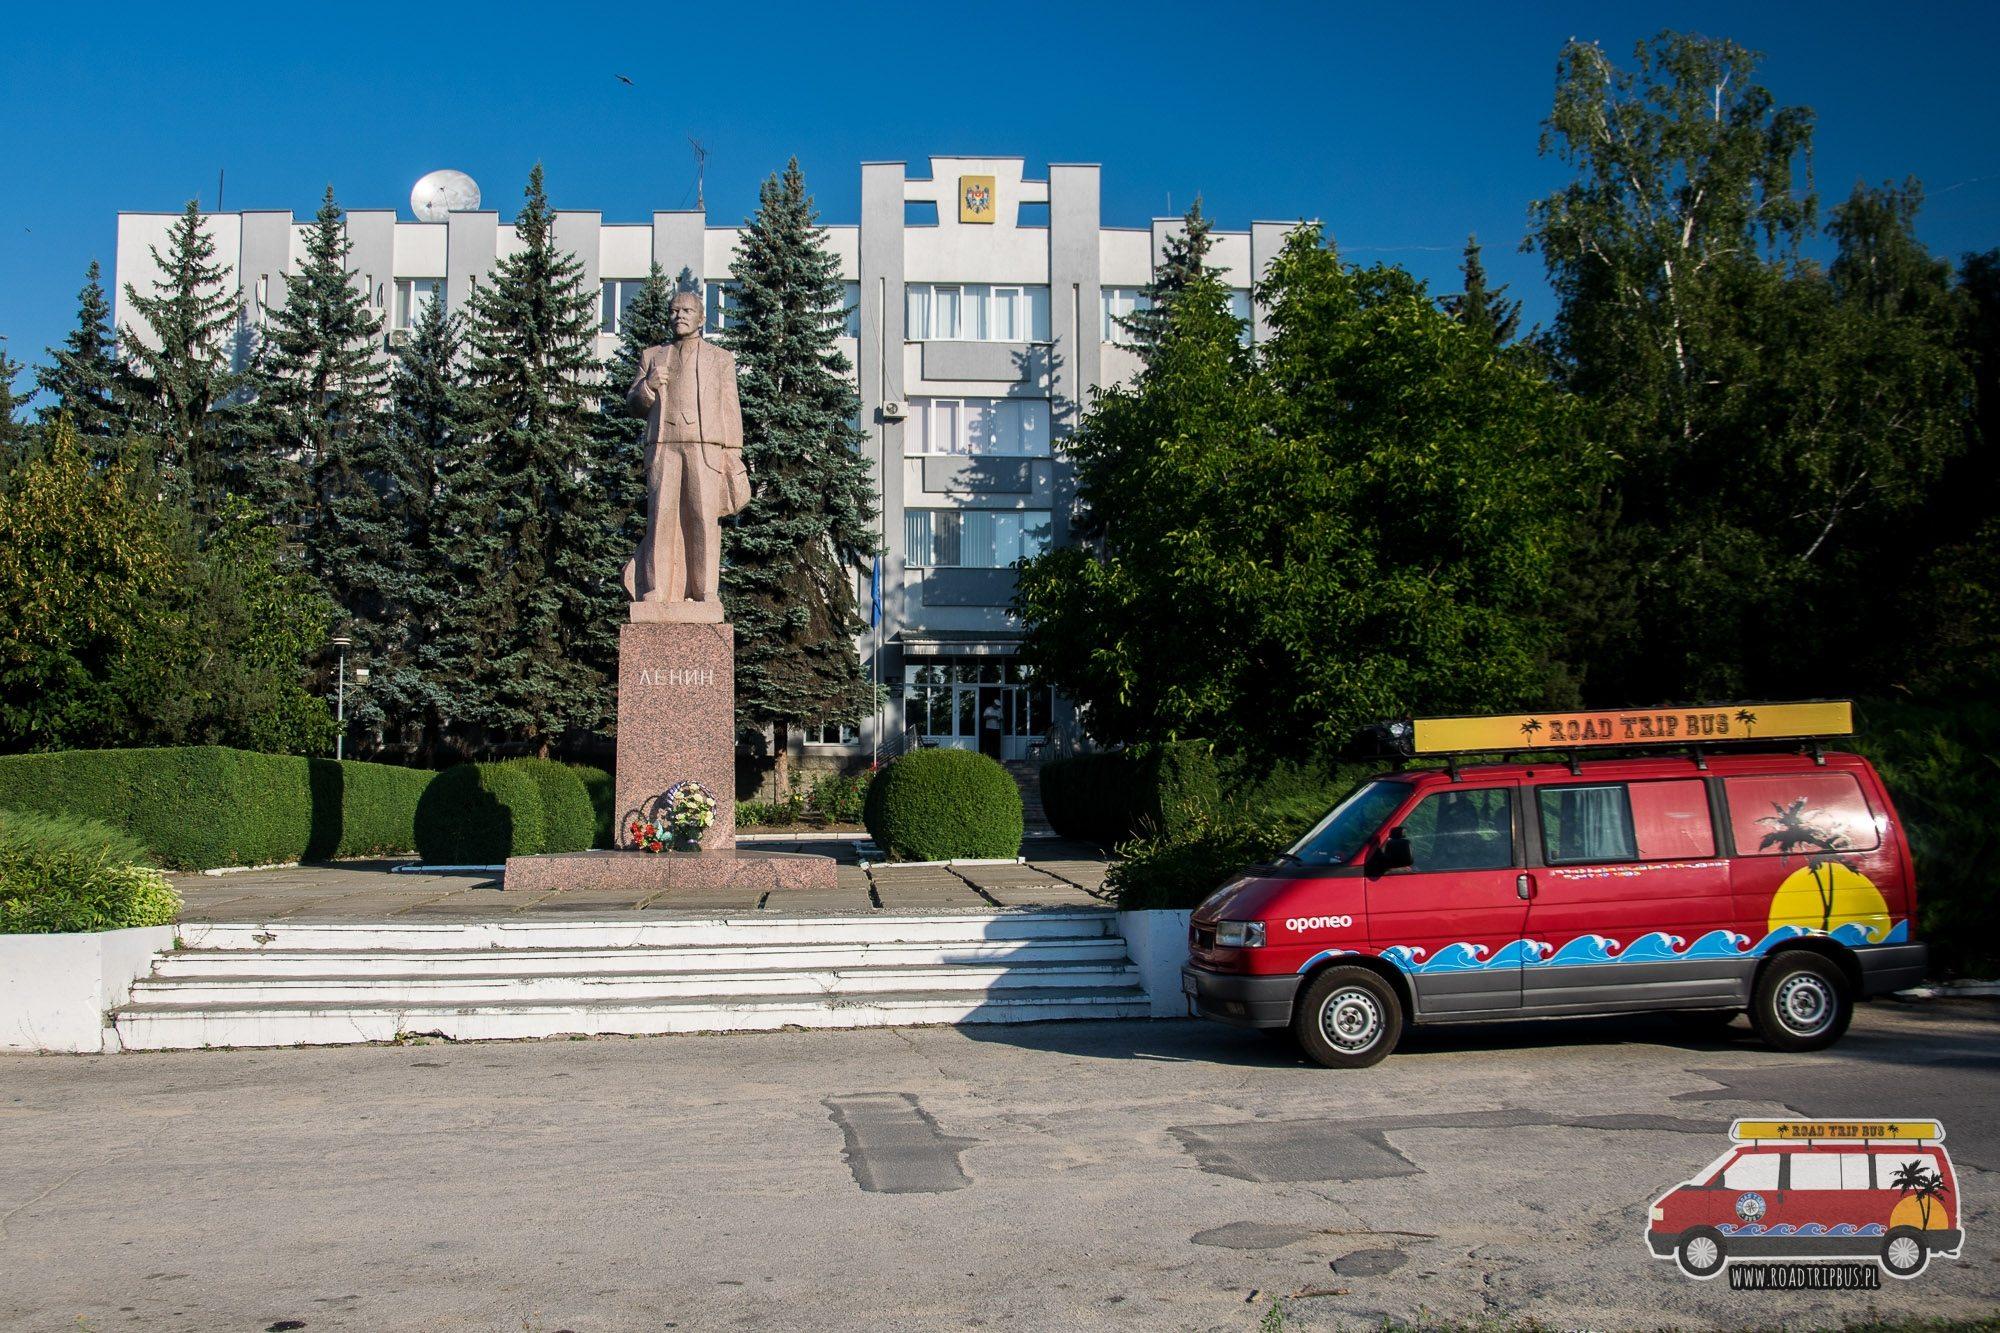 Pomnik Lenina to widok często spotykany w Mołdawii.